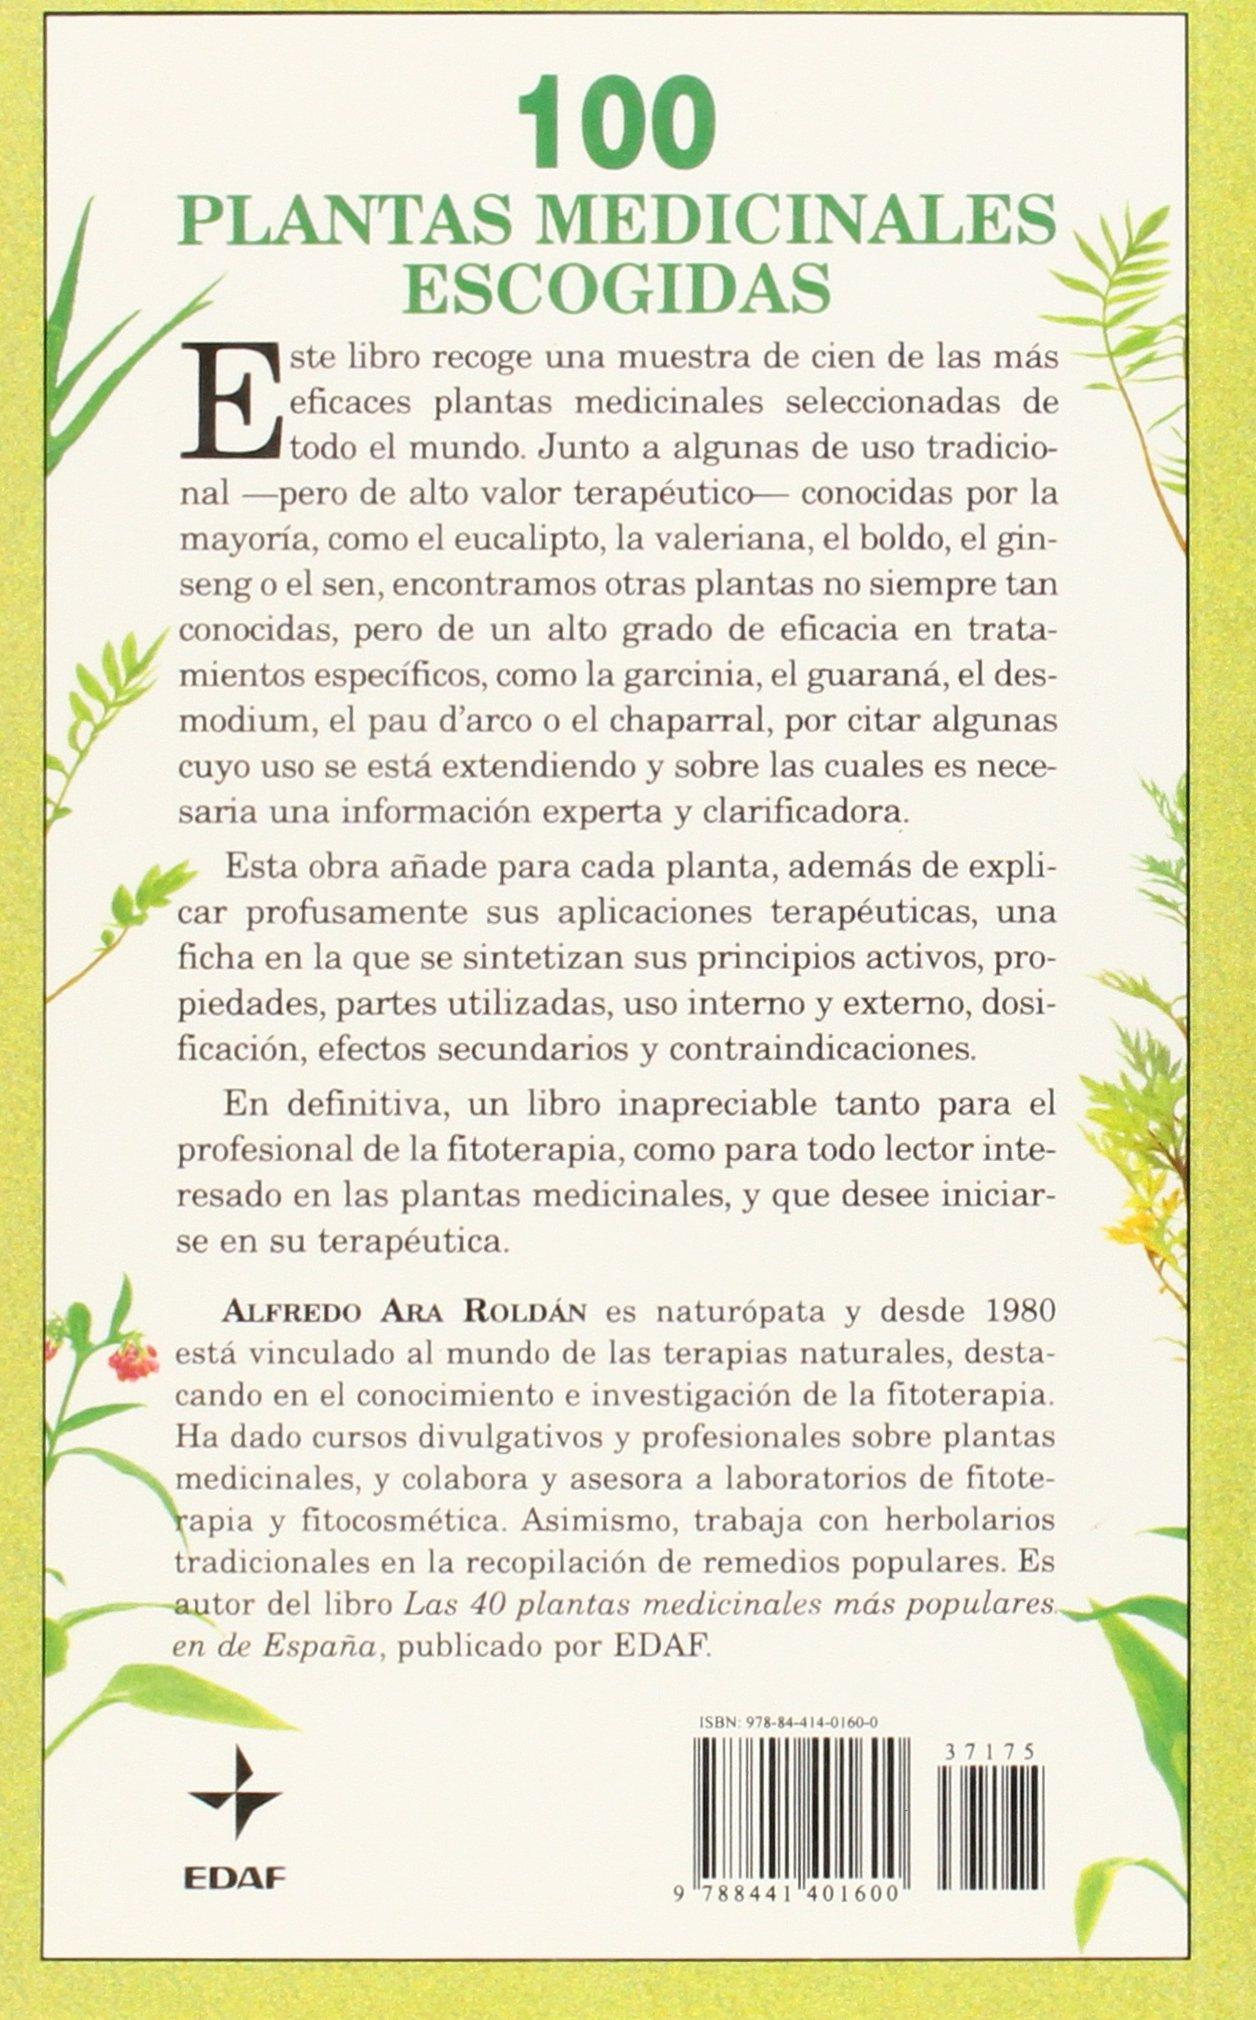 100 plantas medicinales escogidas: Una guía de plantas de todo el mundo seleccionadas por su valor terapéutico Plus Vitae: Amazon.es: Ara Roldan, A.: Libros